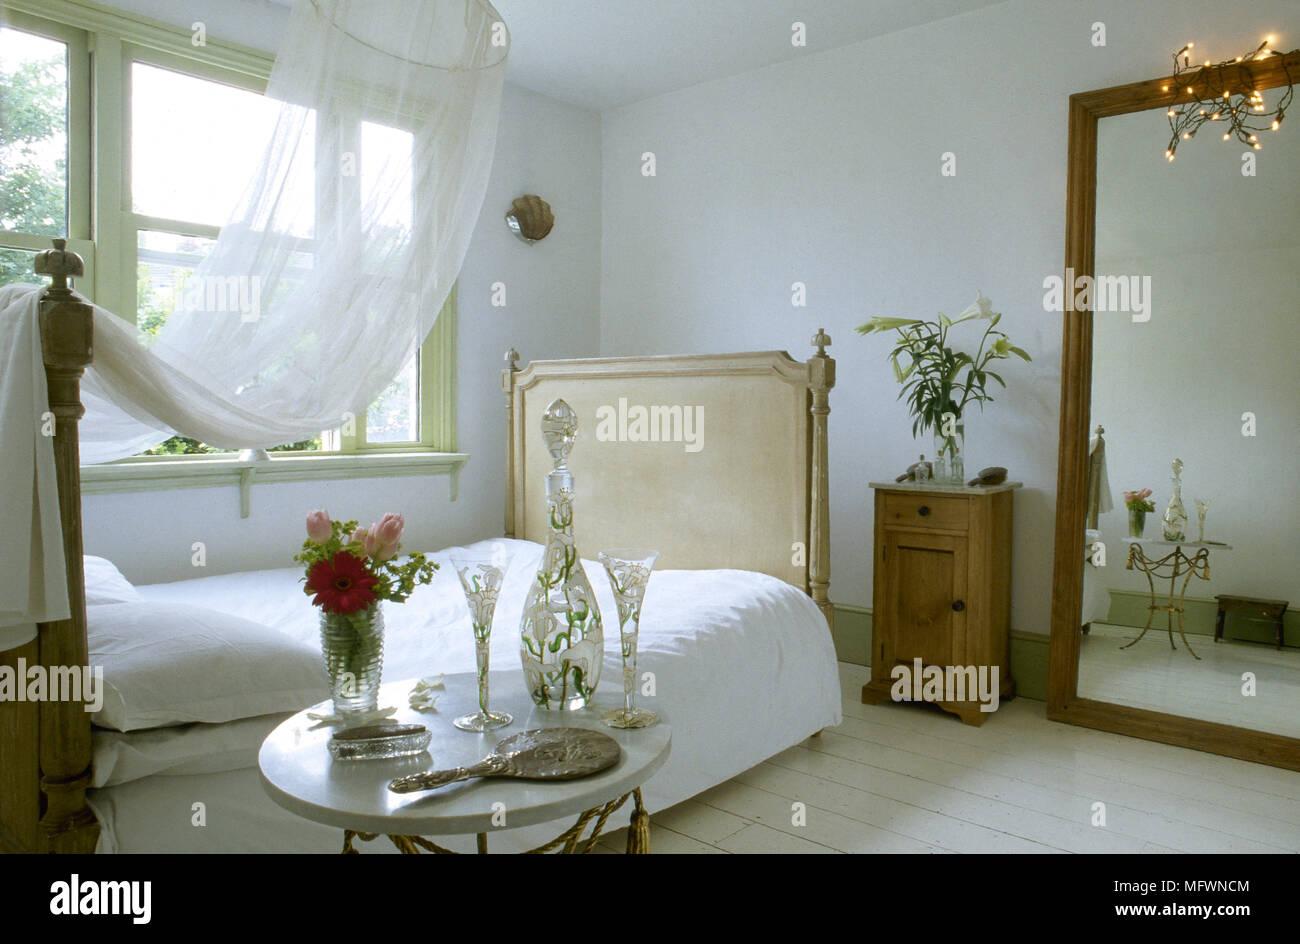 Camere Da Letto Matrimoniali Romantiche : Romantica camera da letto con baldacchino a strapiombo su un letto